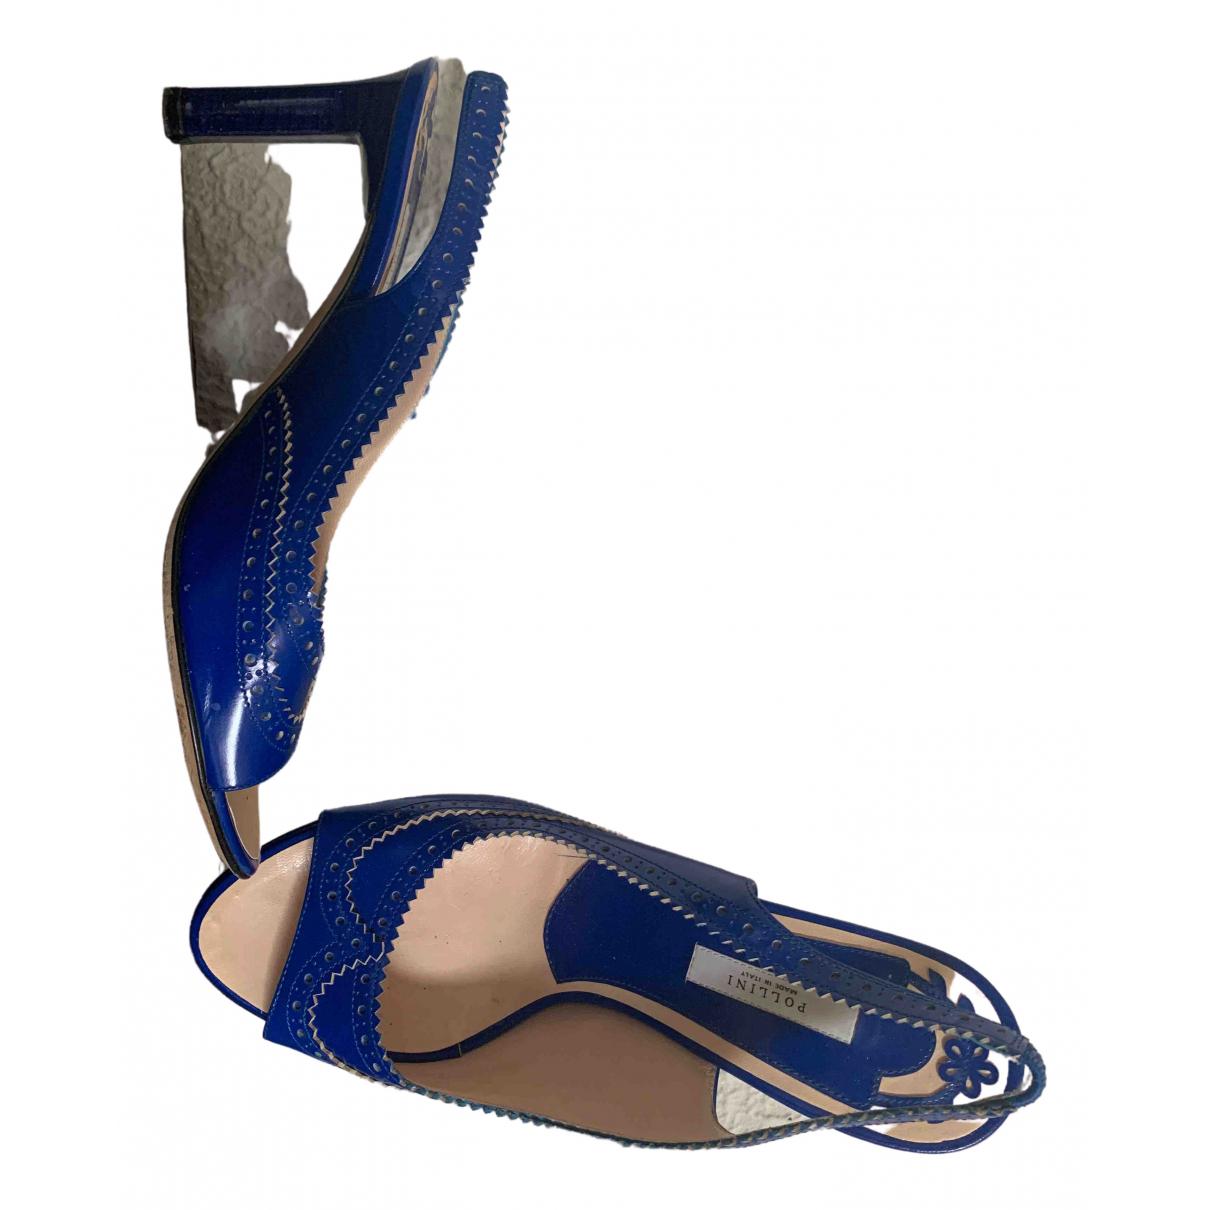 Sandalias romanas de Cuero Pollini